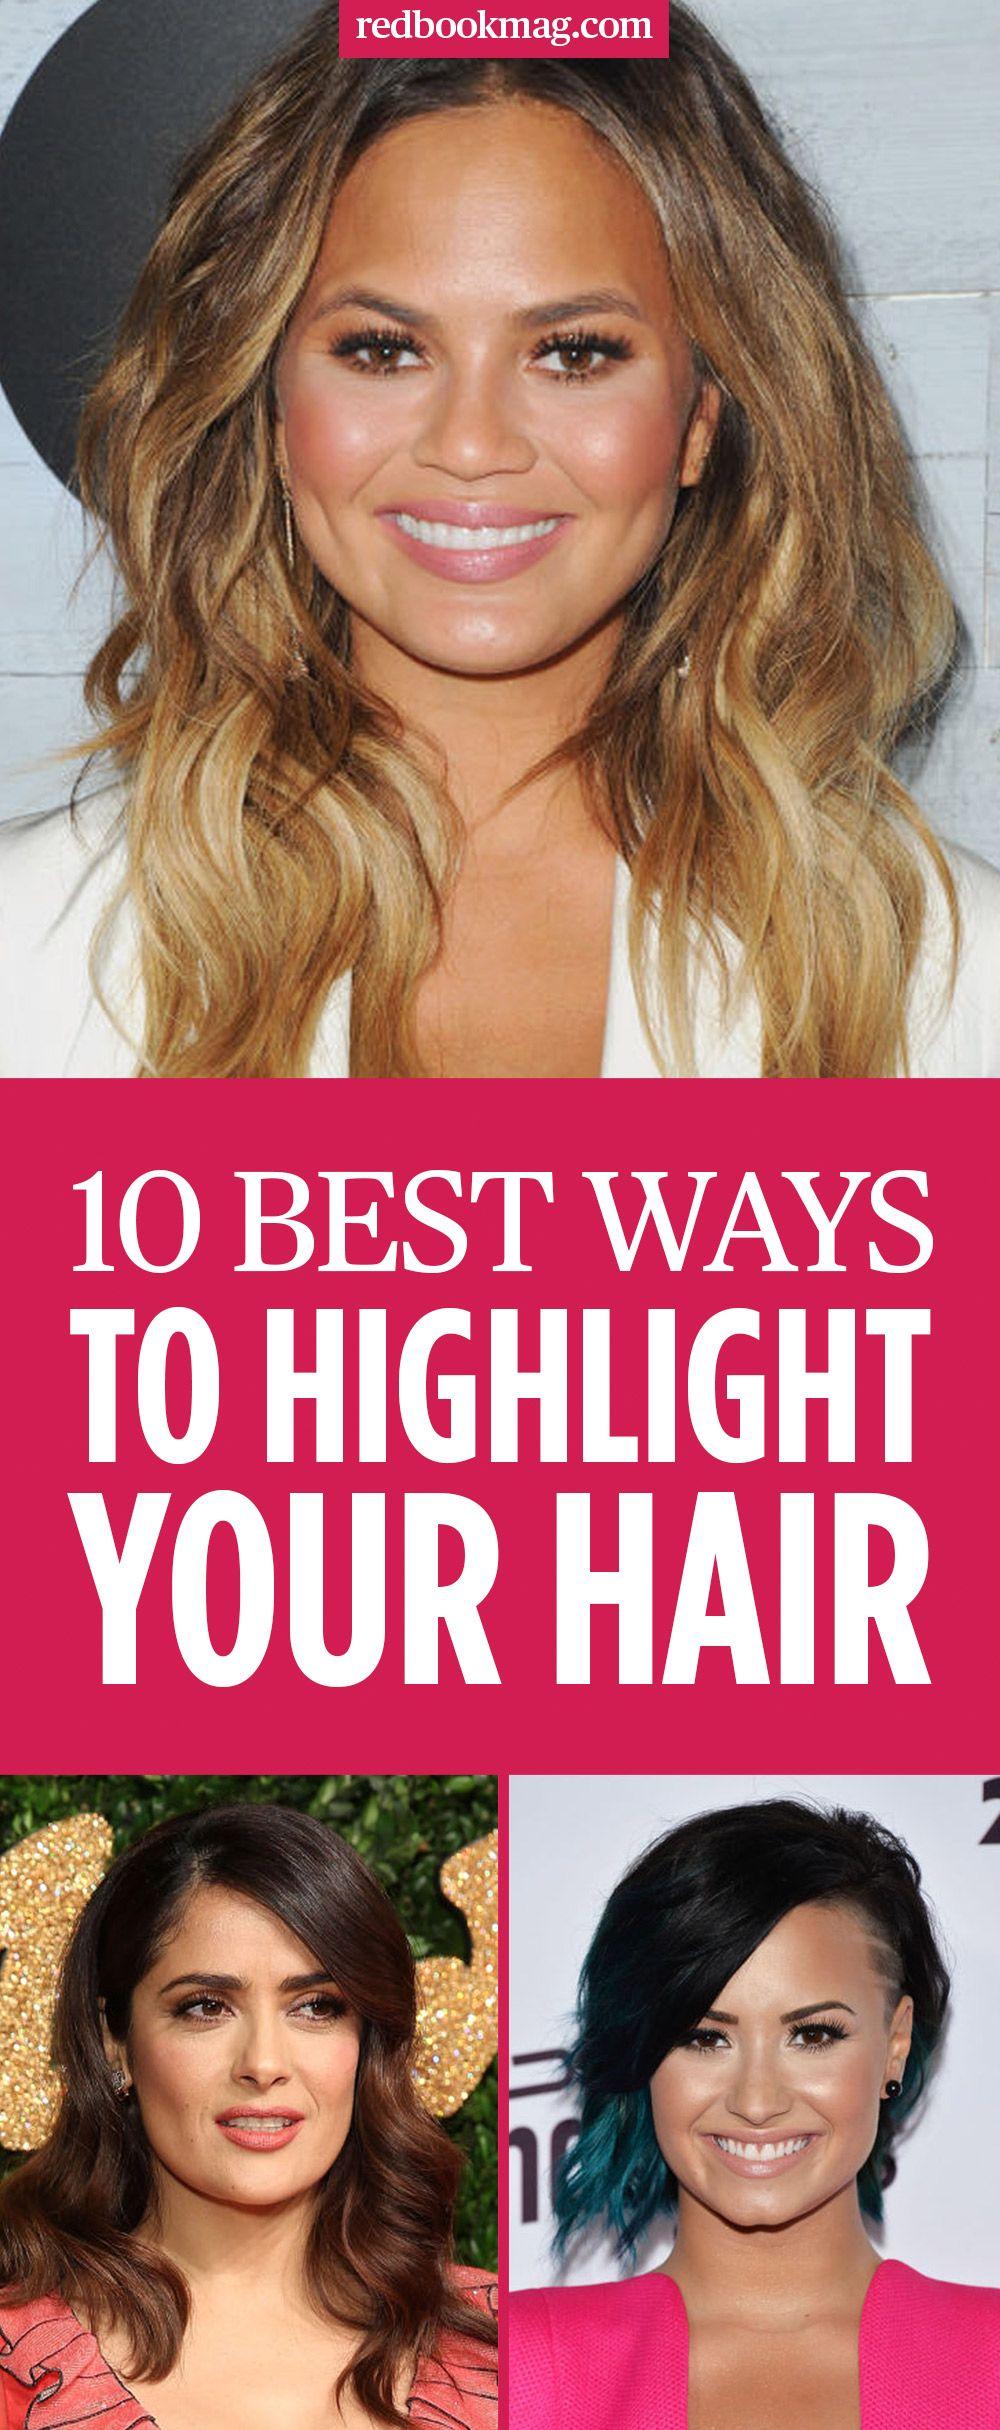 10 Hair Highlight Ideas For 2016 Trendy Ways To Highlight Your Hair